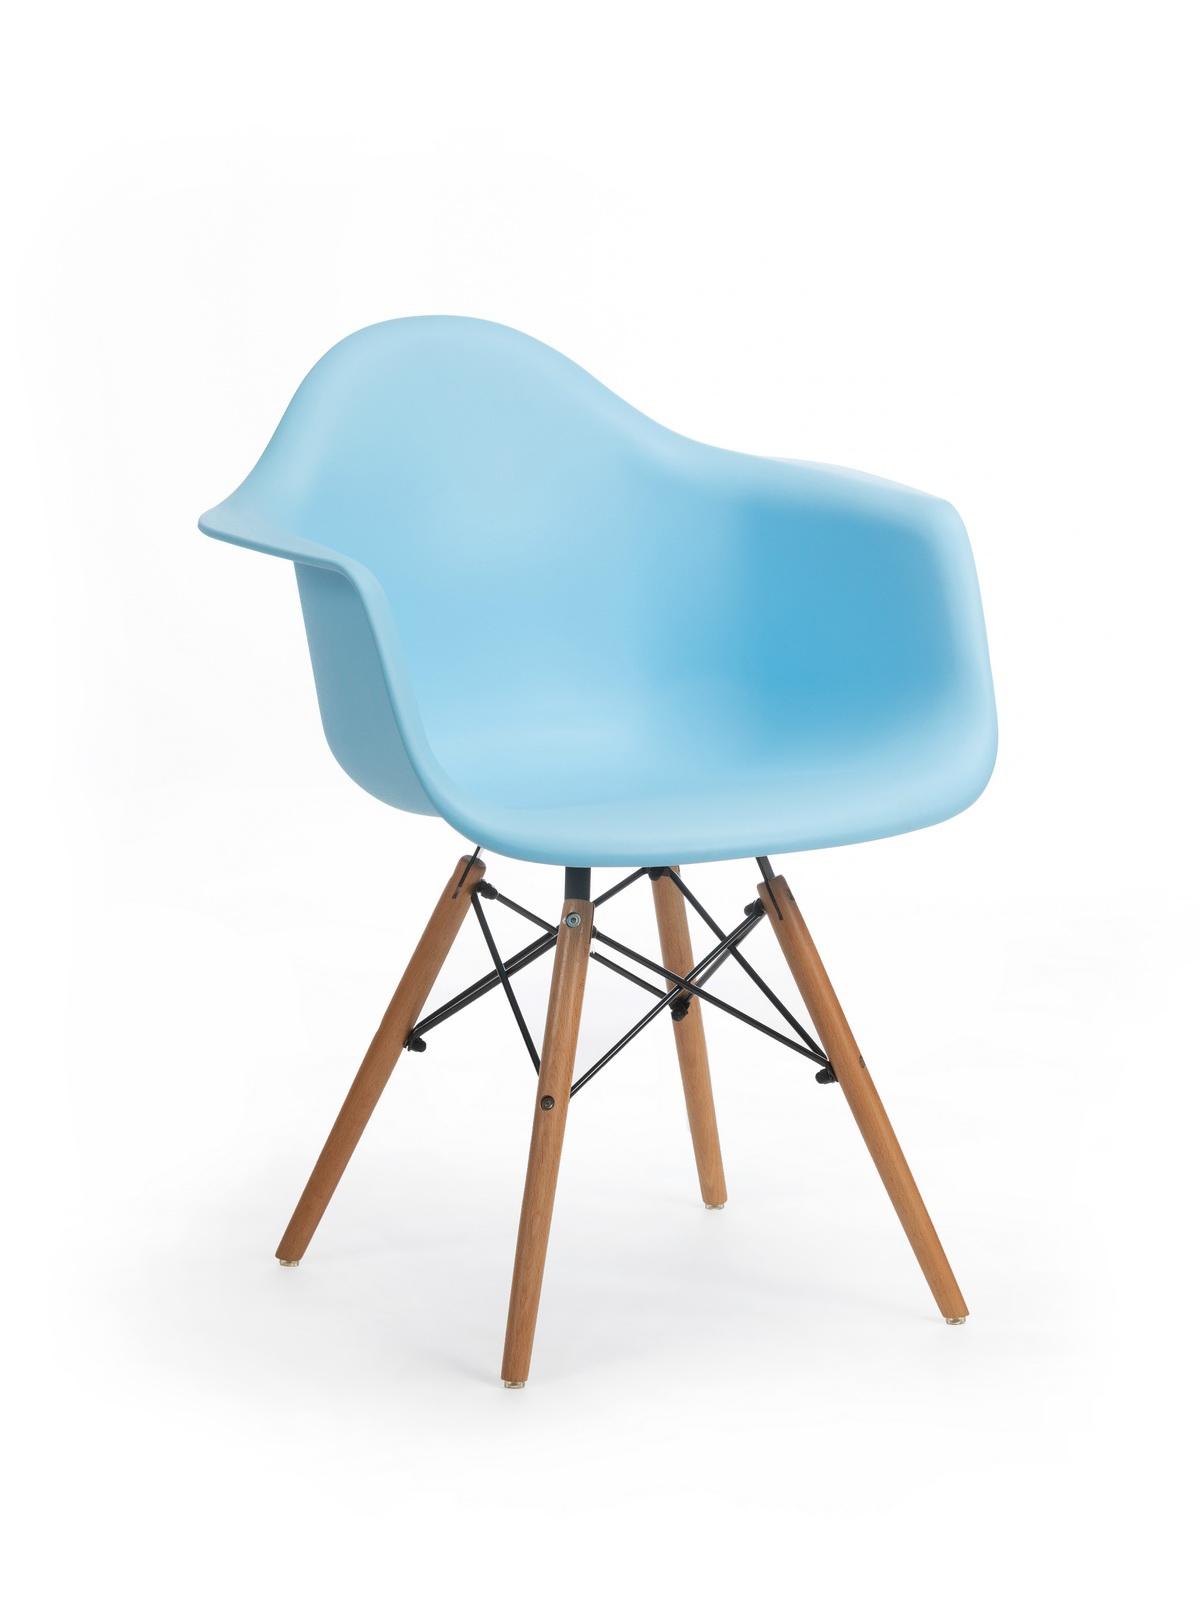 Scaun din plastic cu picioare de lemn Echo Blue, l64xA60xH81 cm